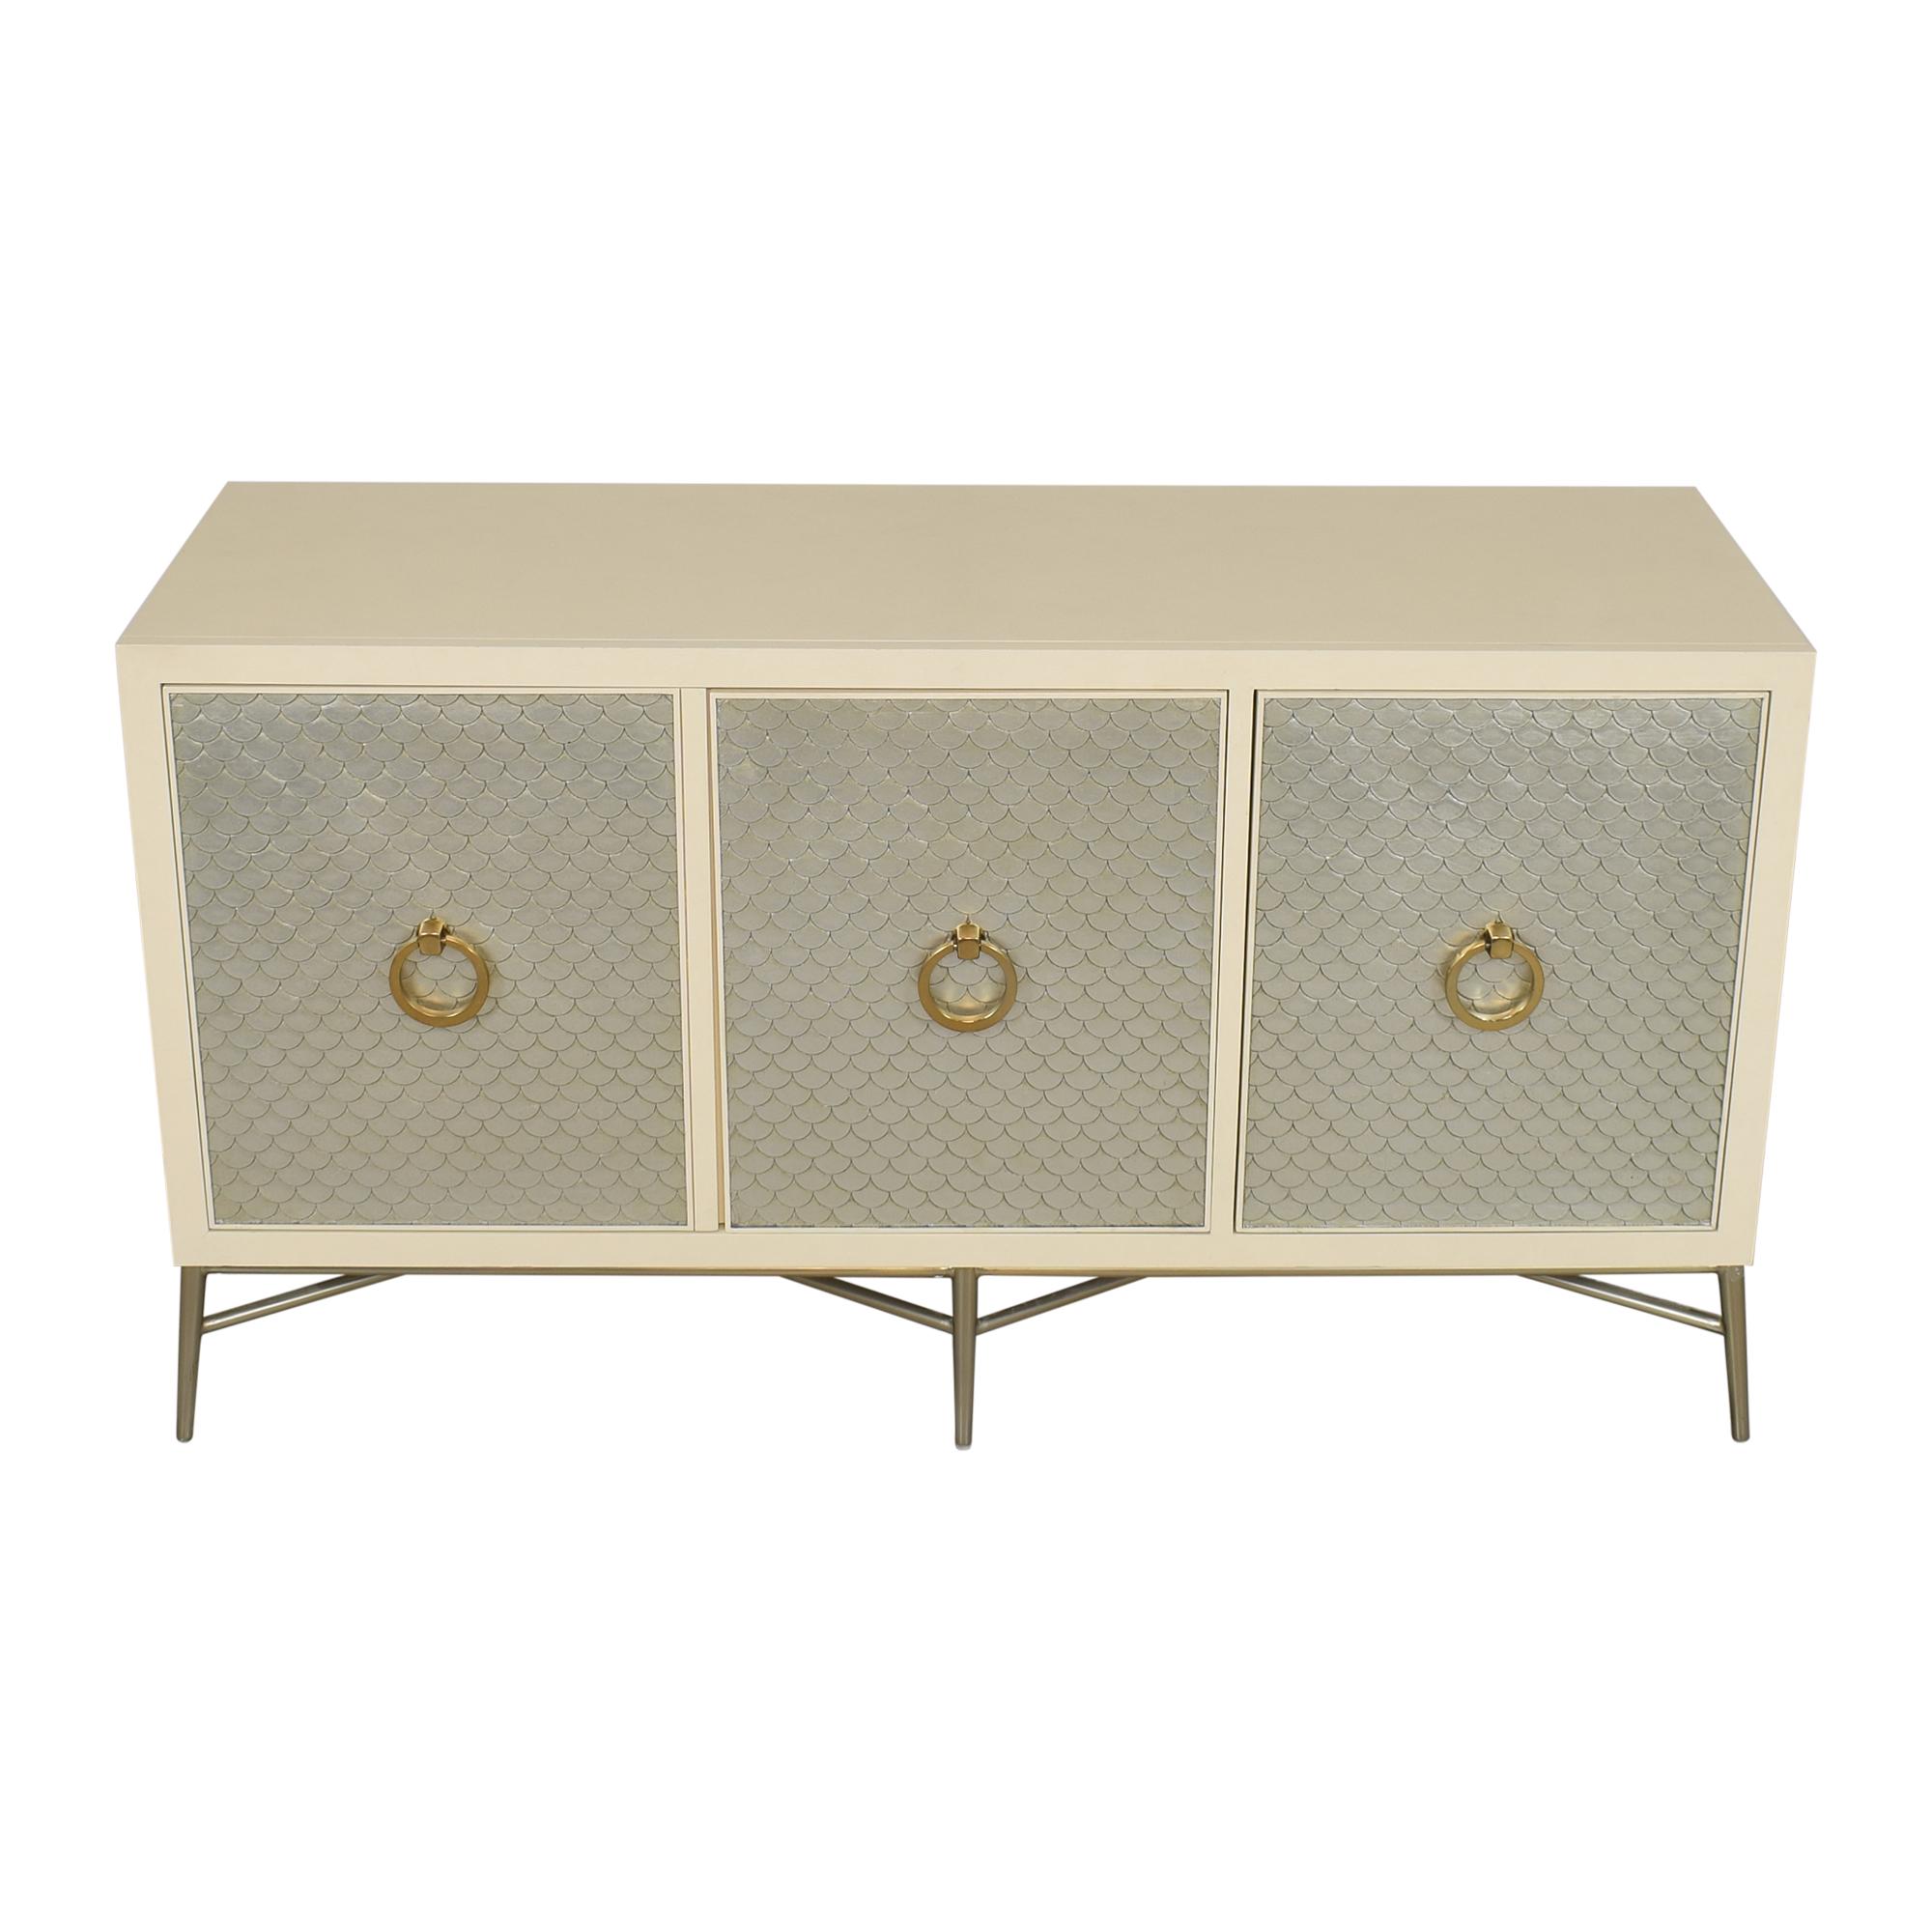 Bernhardt Bernhardt Salon Sideboard white and grey